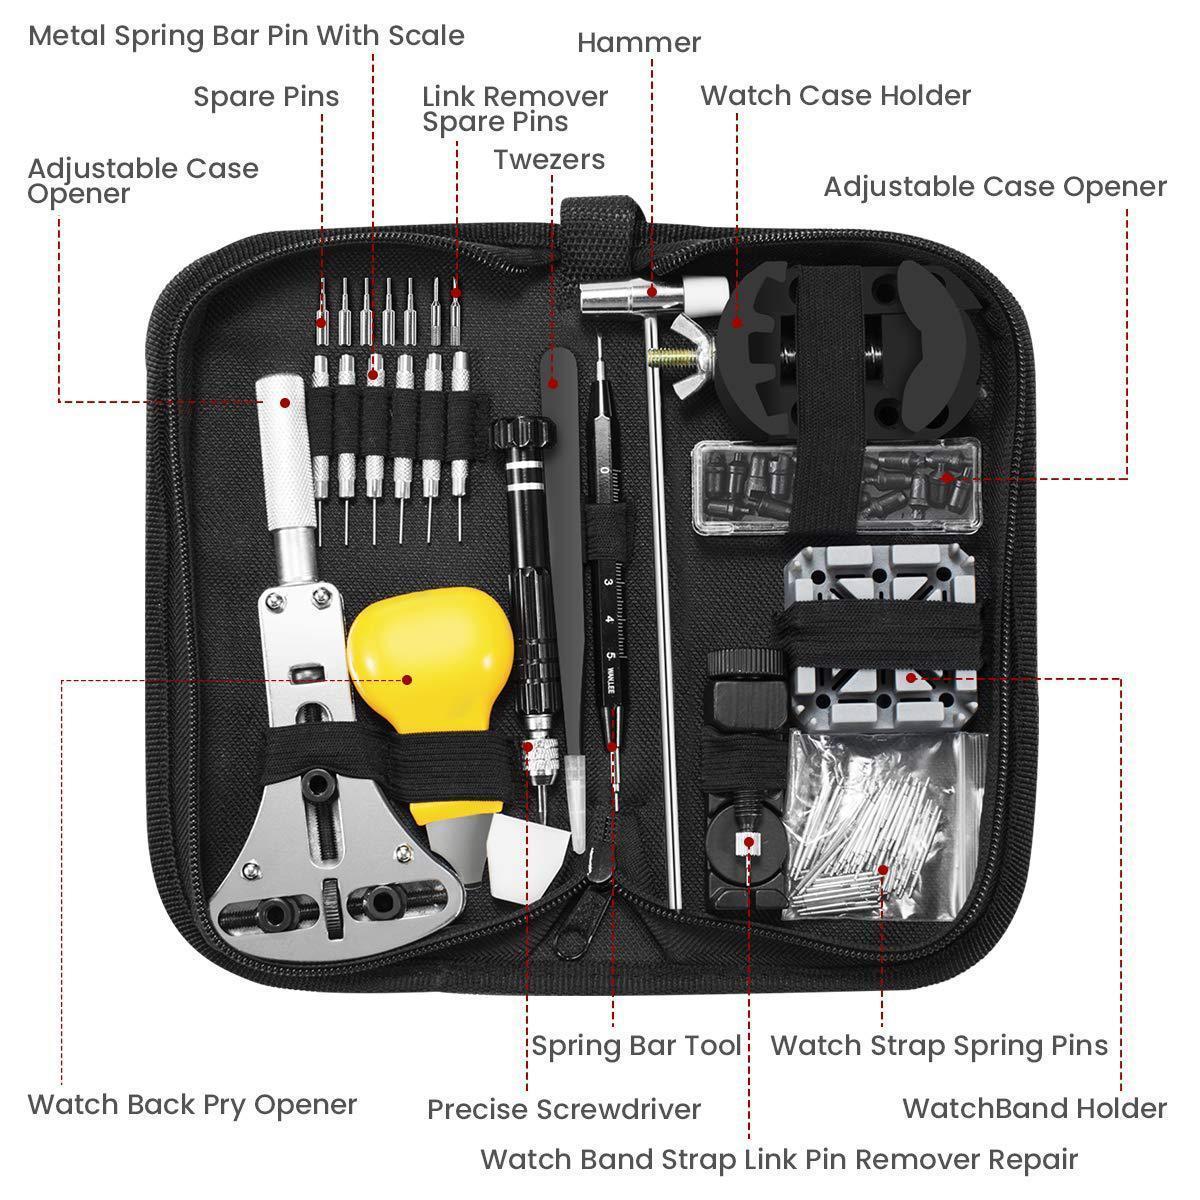 Nơi bán Bộ dụng cụ tua vít sửa chữa tháo lắp đồng hồ chuyên nghiệp MTS-1702 full 148chi tiết 14 đầu món